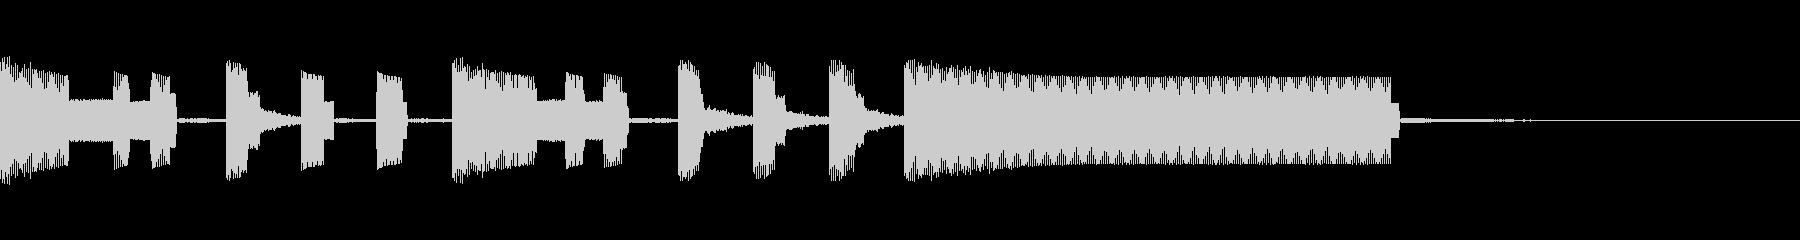 ファミコン風サウンドロゴの未再生の波形